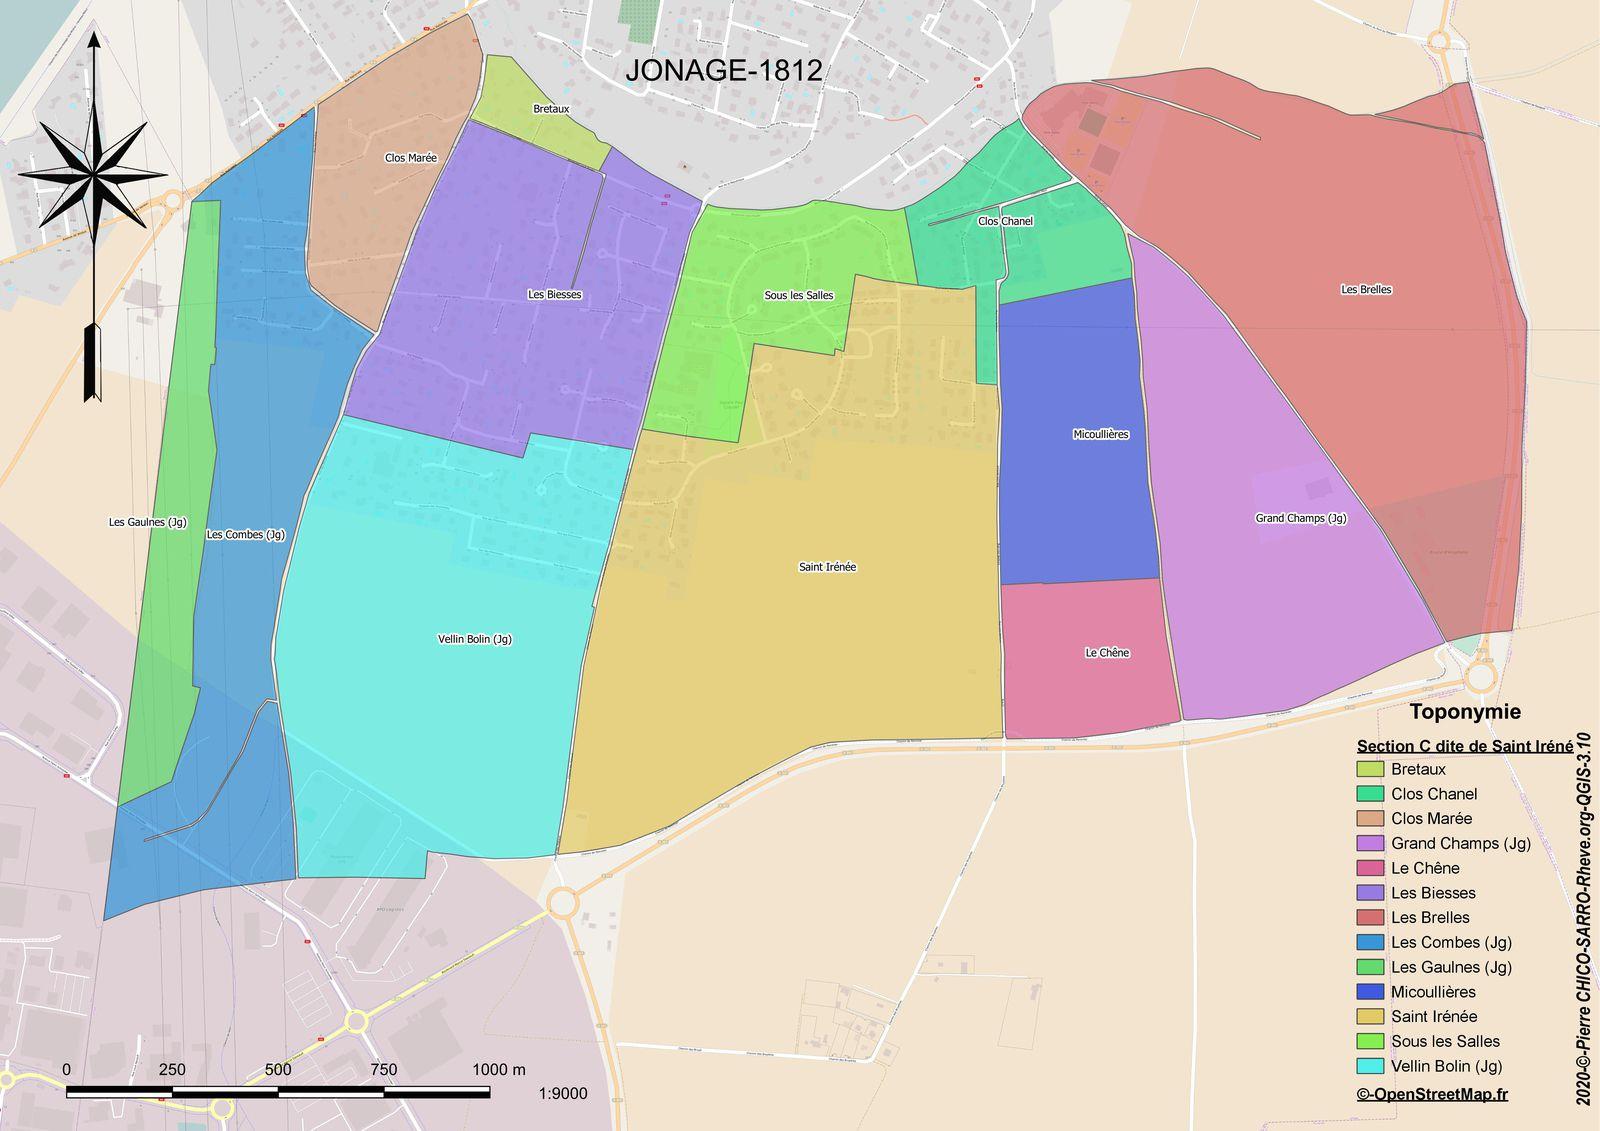 Distribution des toponymes de la Section C dite de Saint-Iréné à Joange en 1812